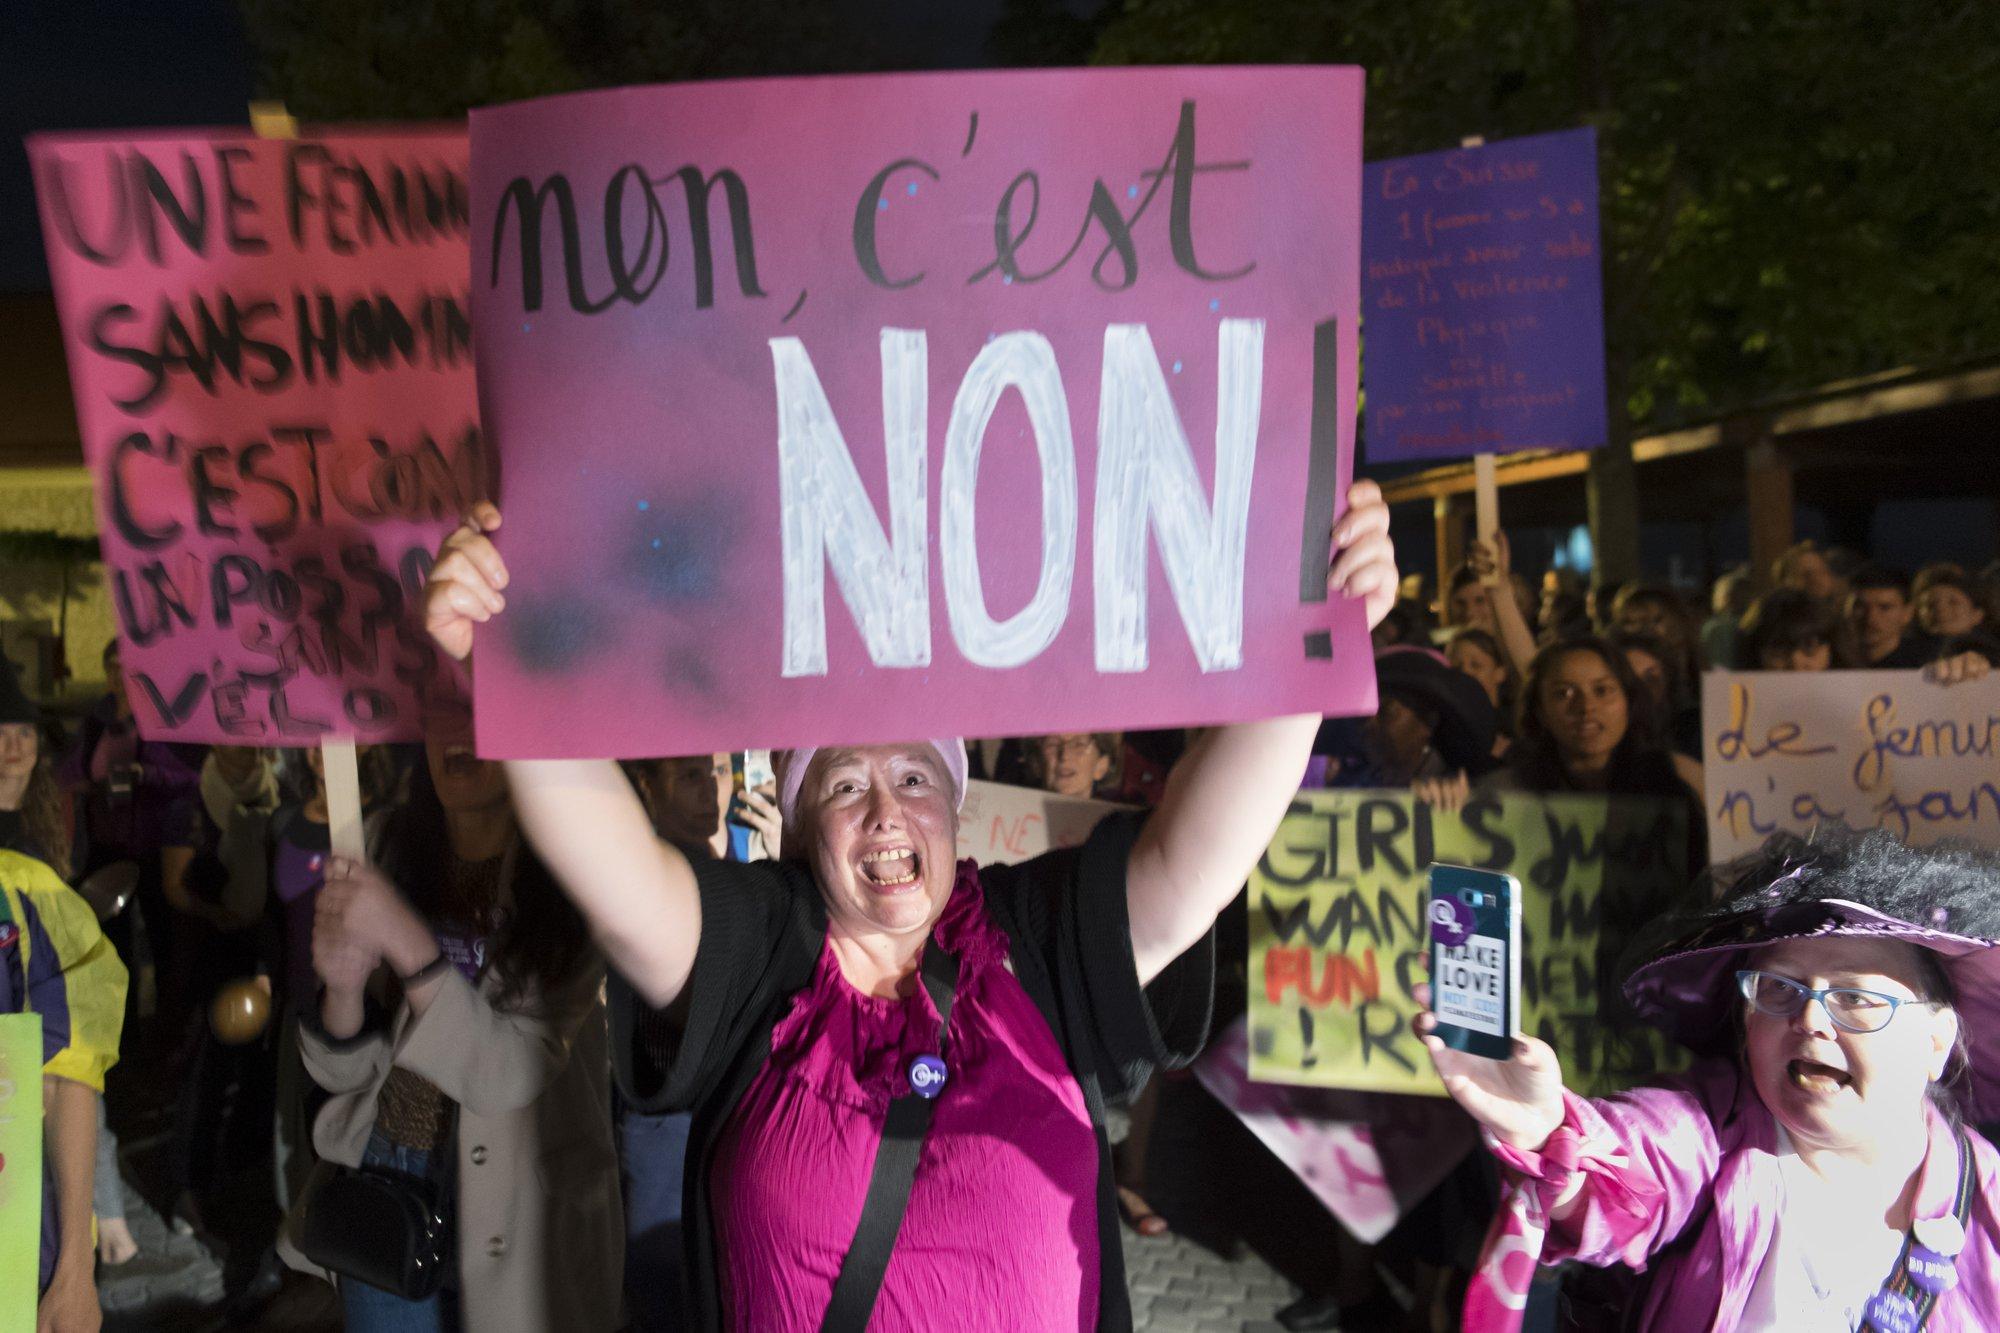 درخواست زنان بنفش سوئیس از دولت: پرداخت عادلانه، برابری بیشتر